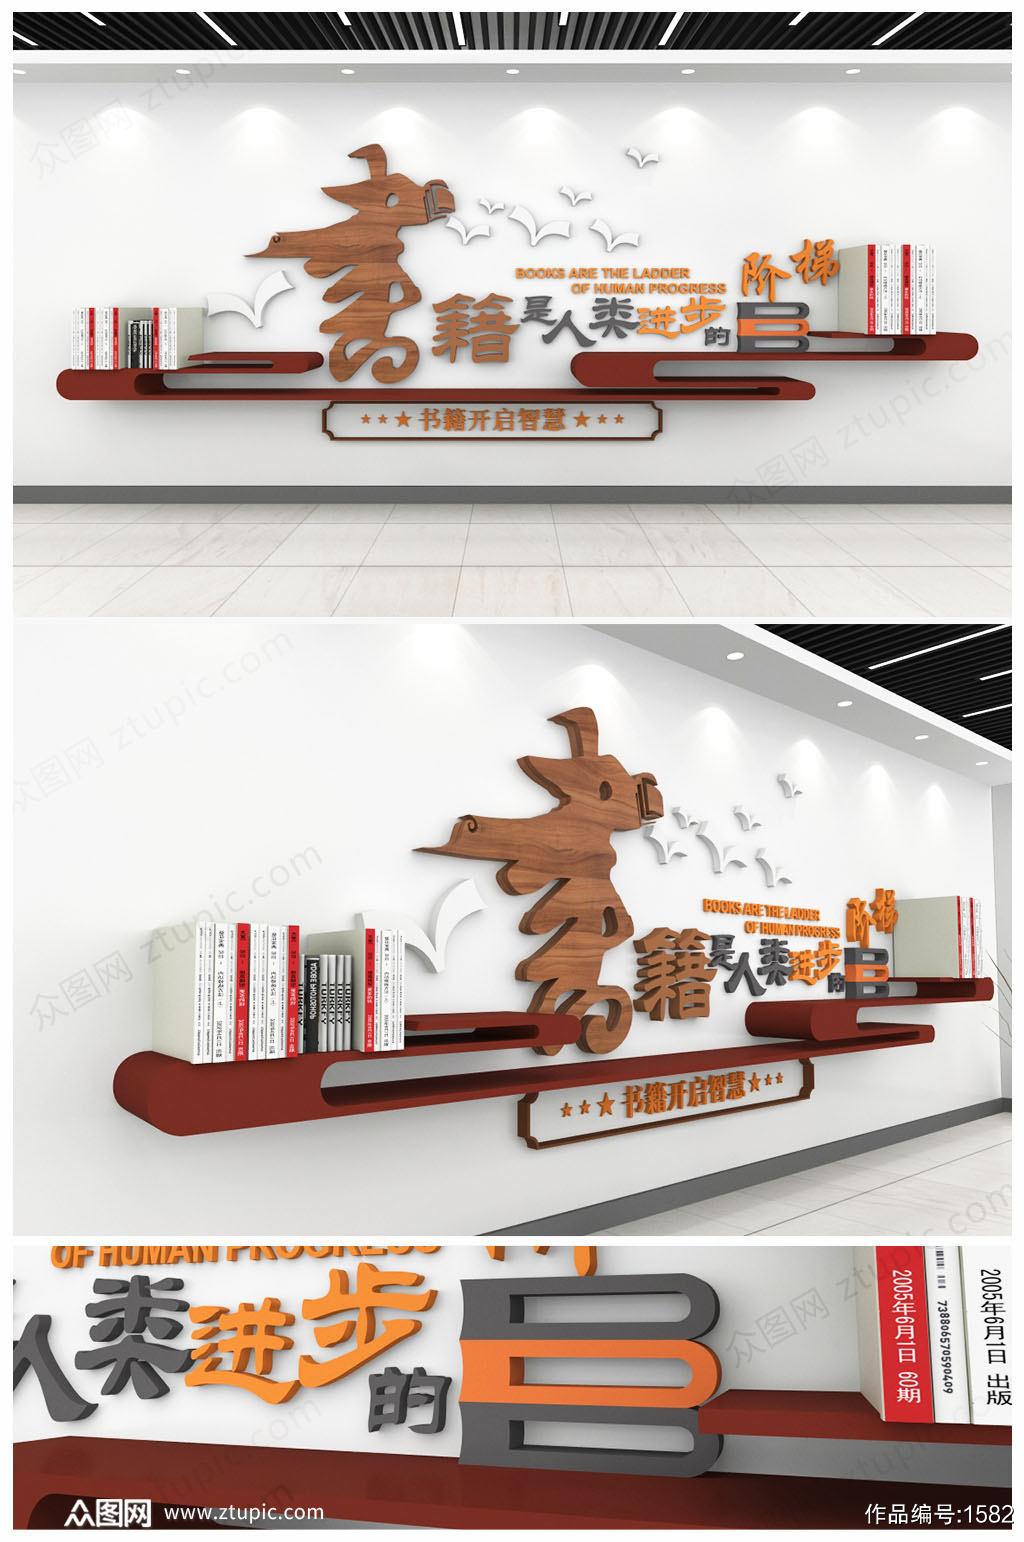 大气木质图书馆读书职工书屋文化墙设计素材